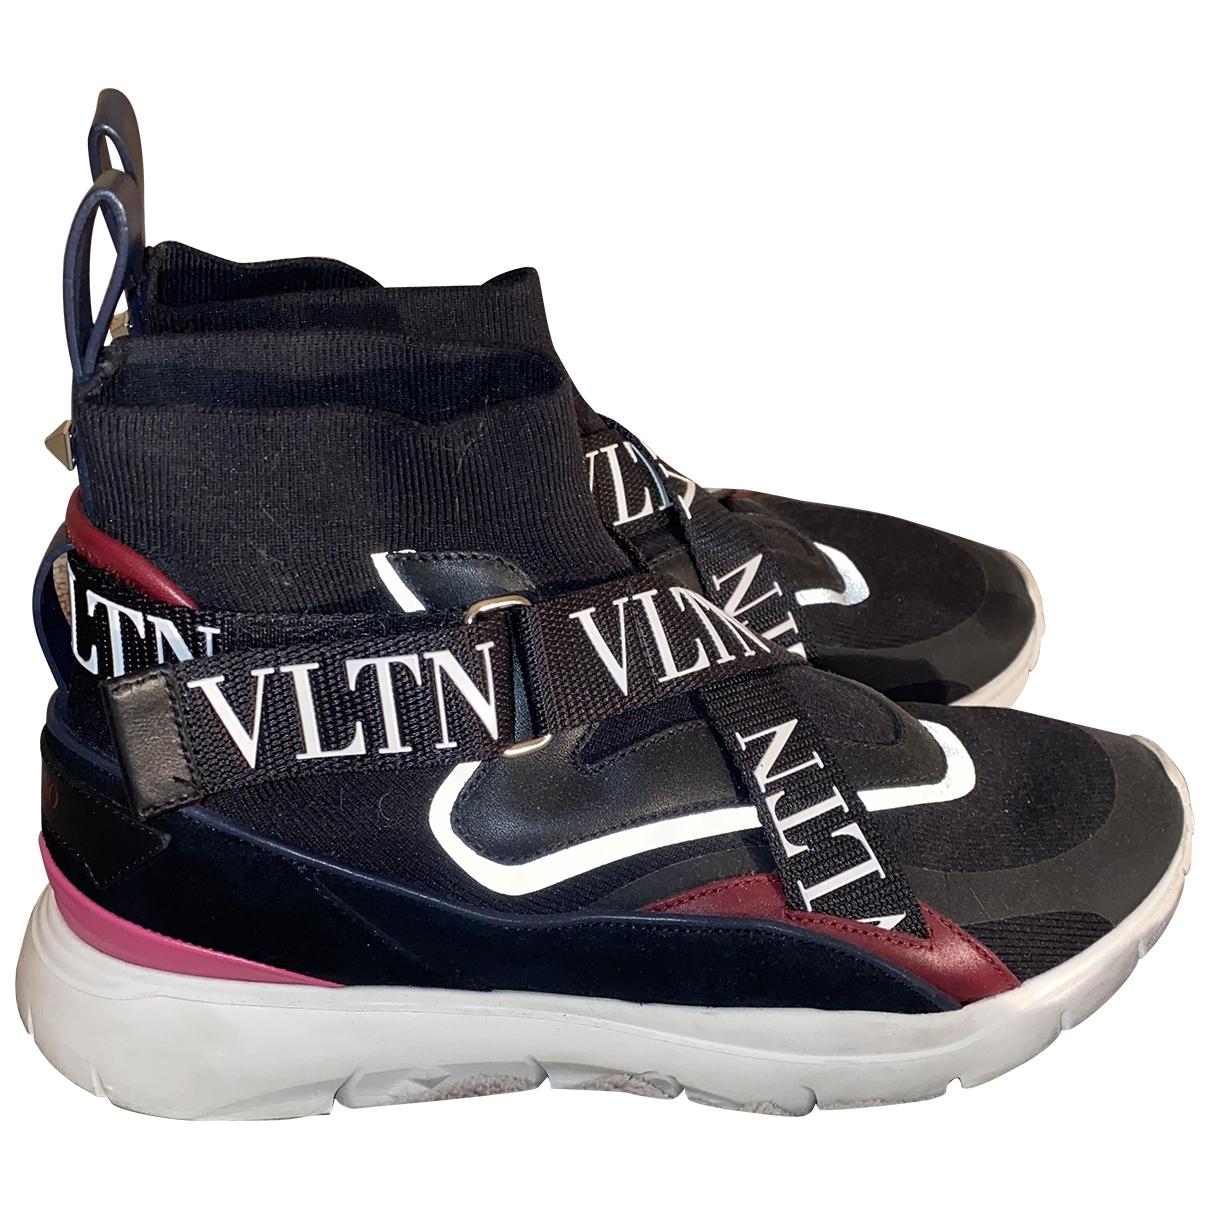 Valentino Garavani - Baskets Sneakers chaussettes VLTN  pour femme en toile - noir